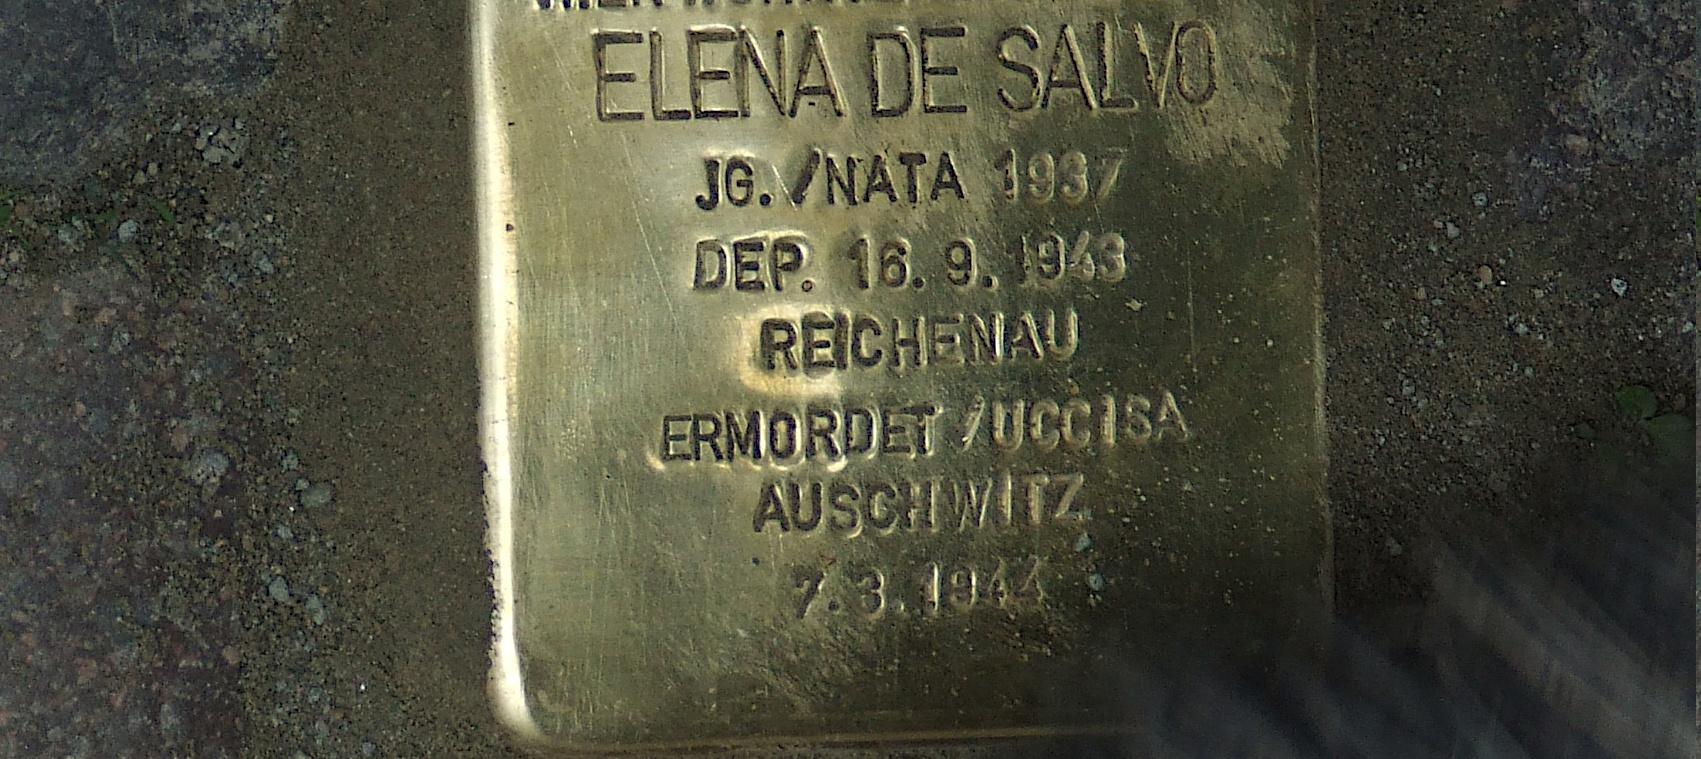 Pietra d'inciampo dedicata a Elena De Salvo. Merano. Foto P.F.